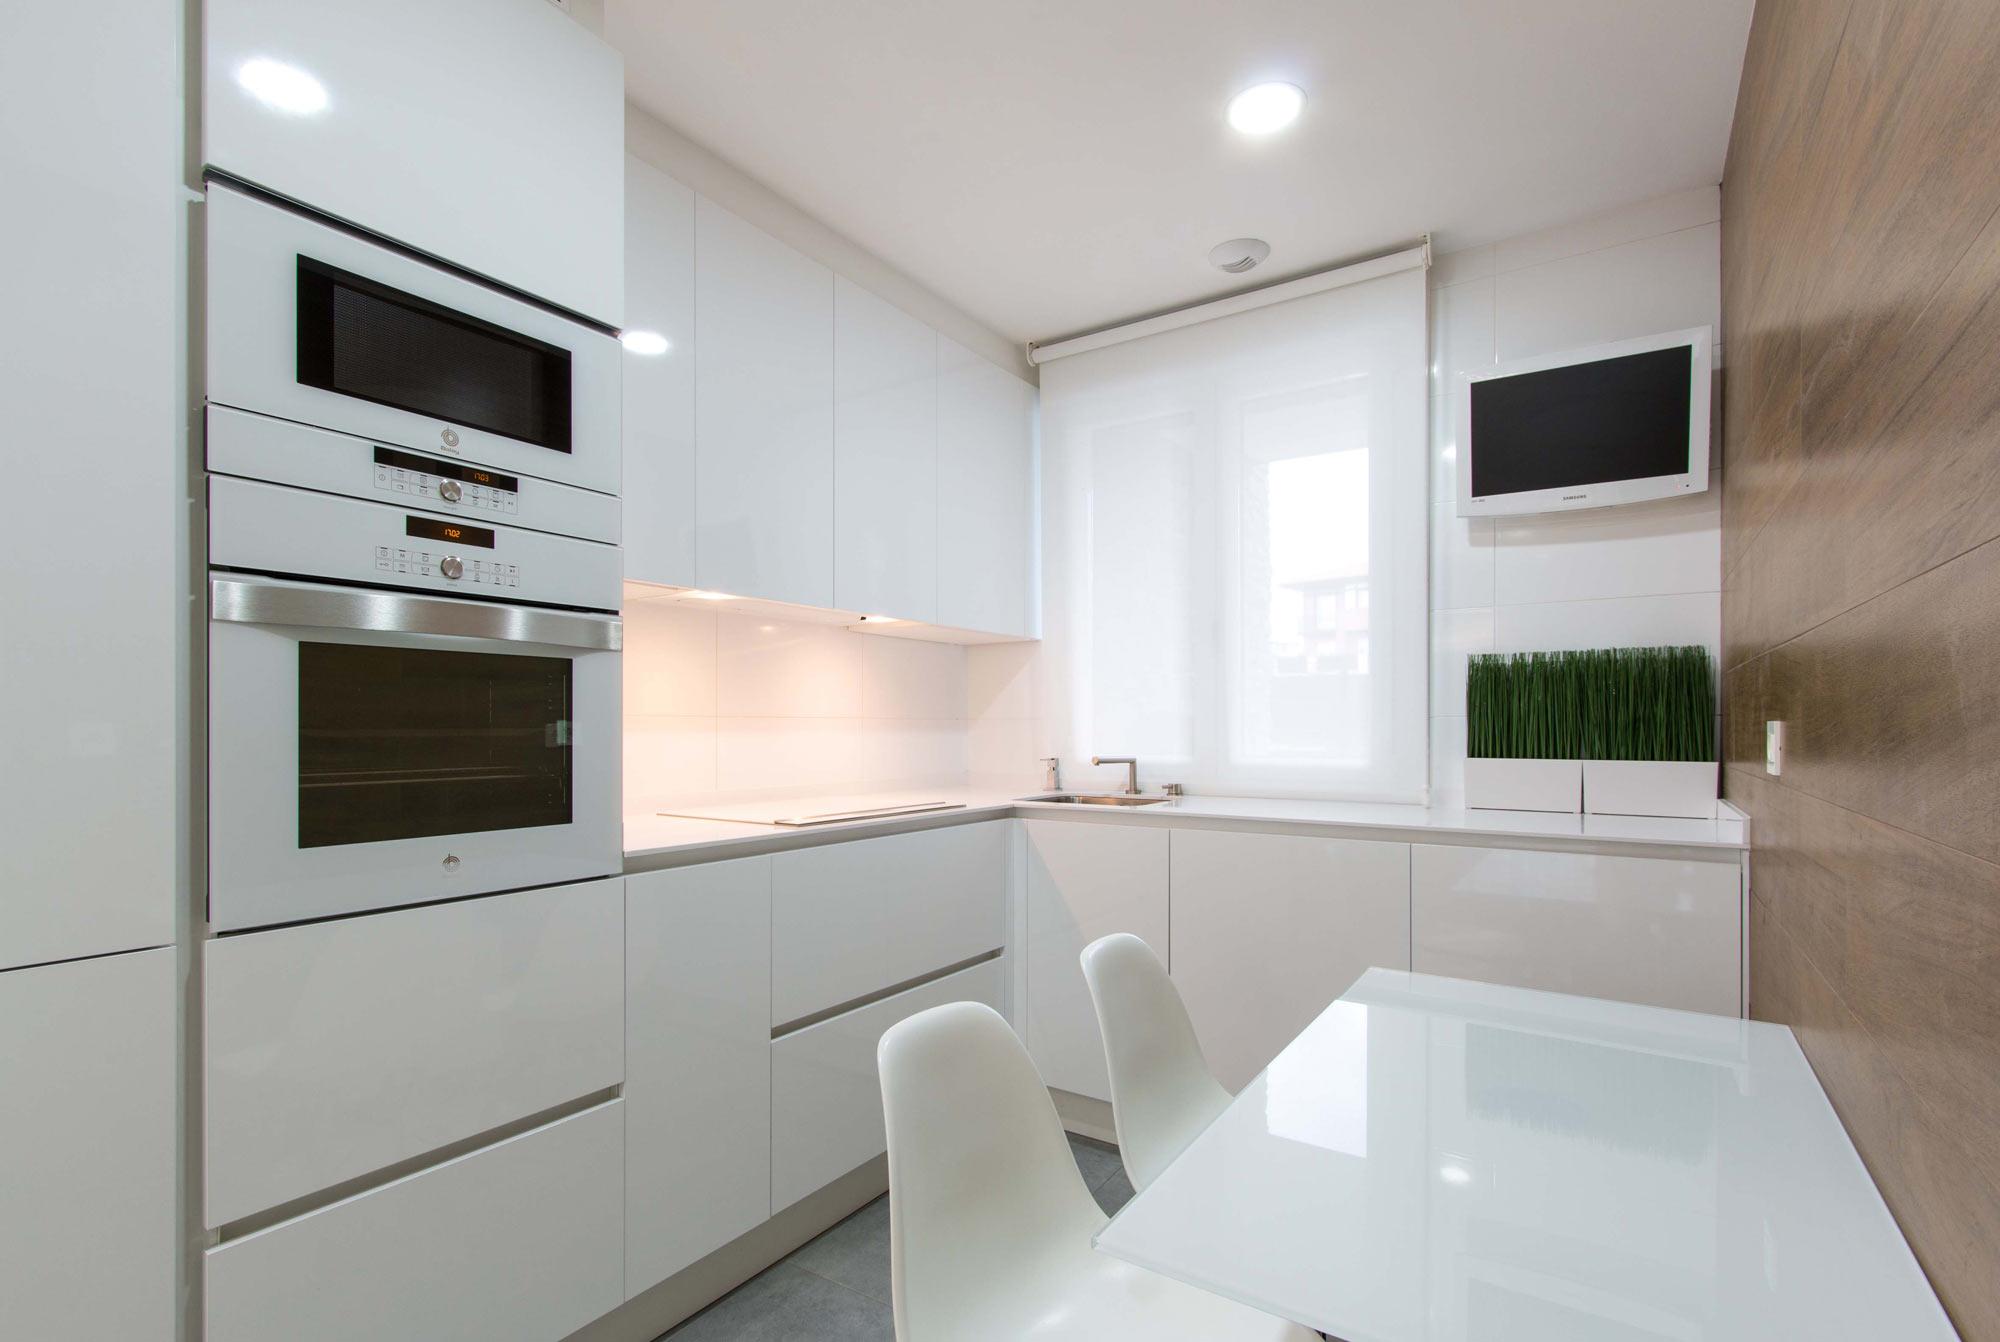 Adosado estilo n rdico interdecor bilbao for Suelos de cocina modernos